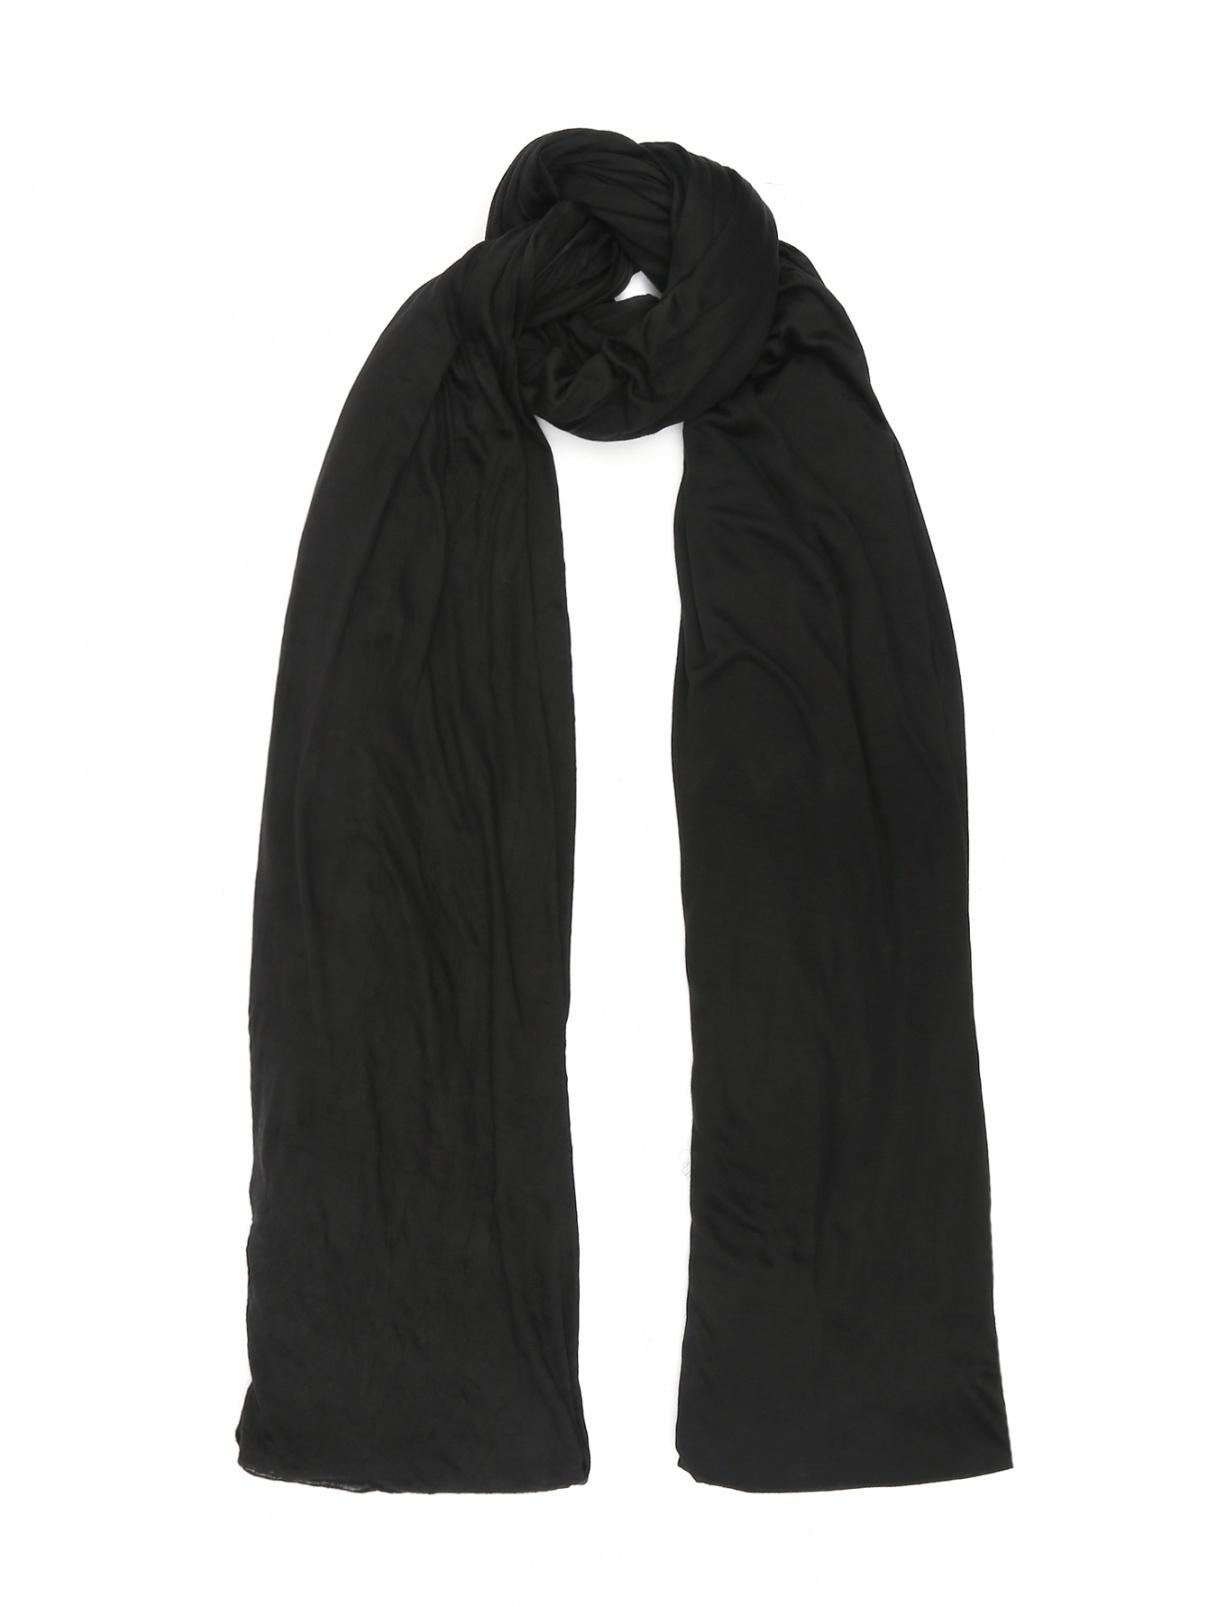 Однотонный шарф Yigal Azrouel  –  Общий вид  – Цвет:  Черный